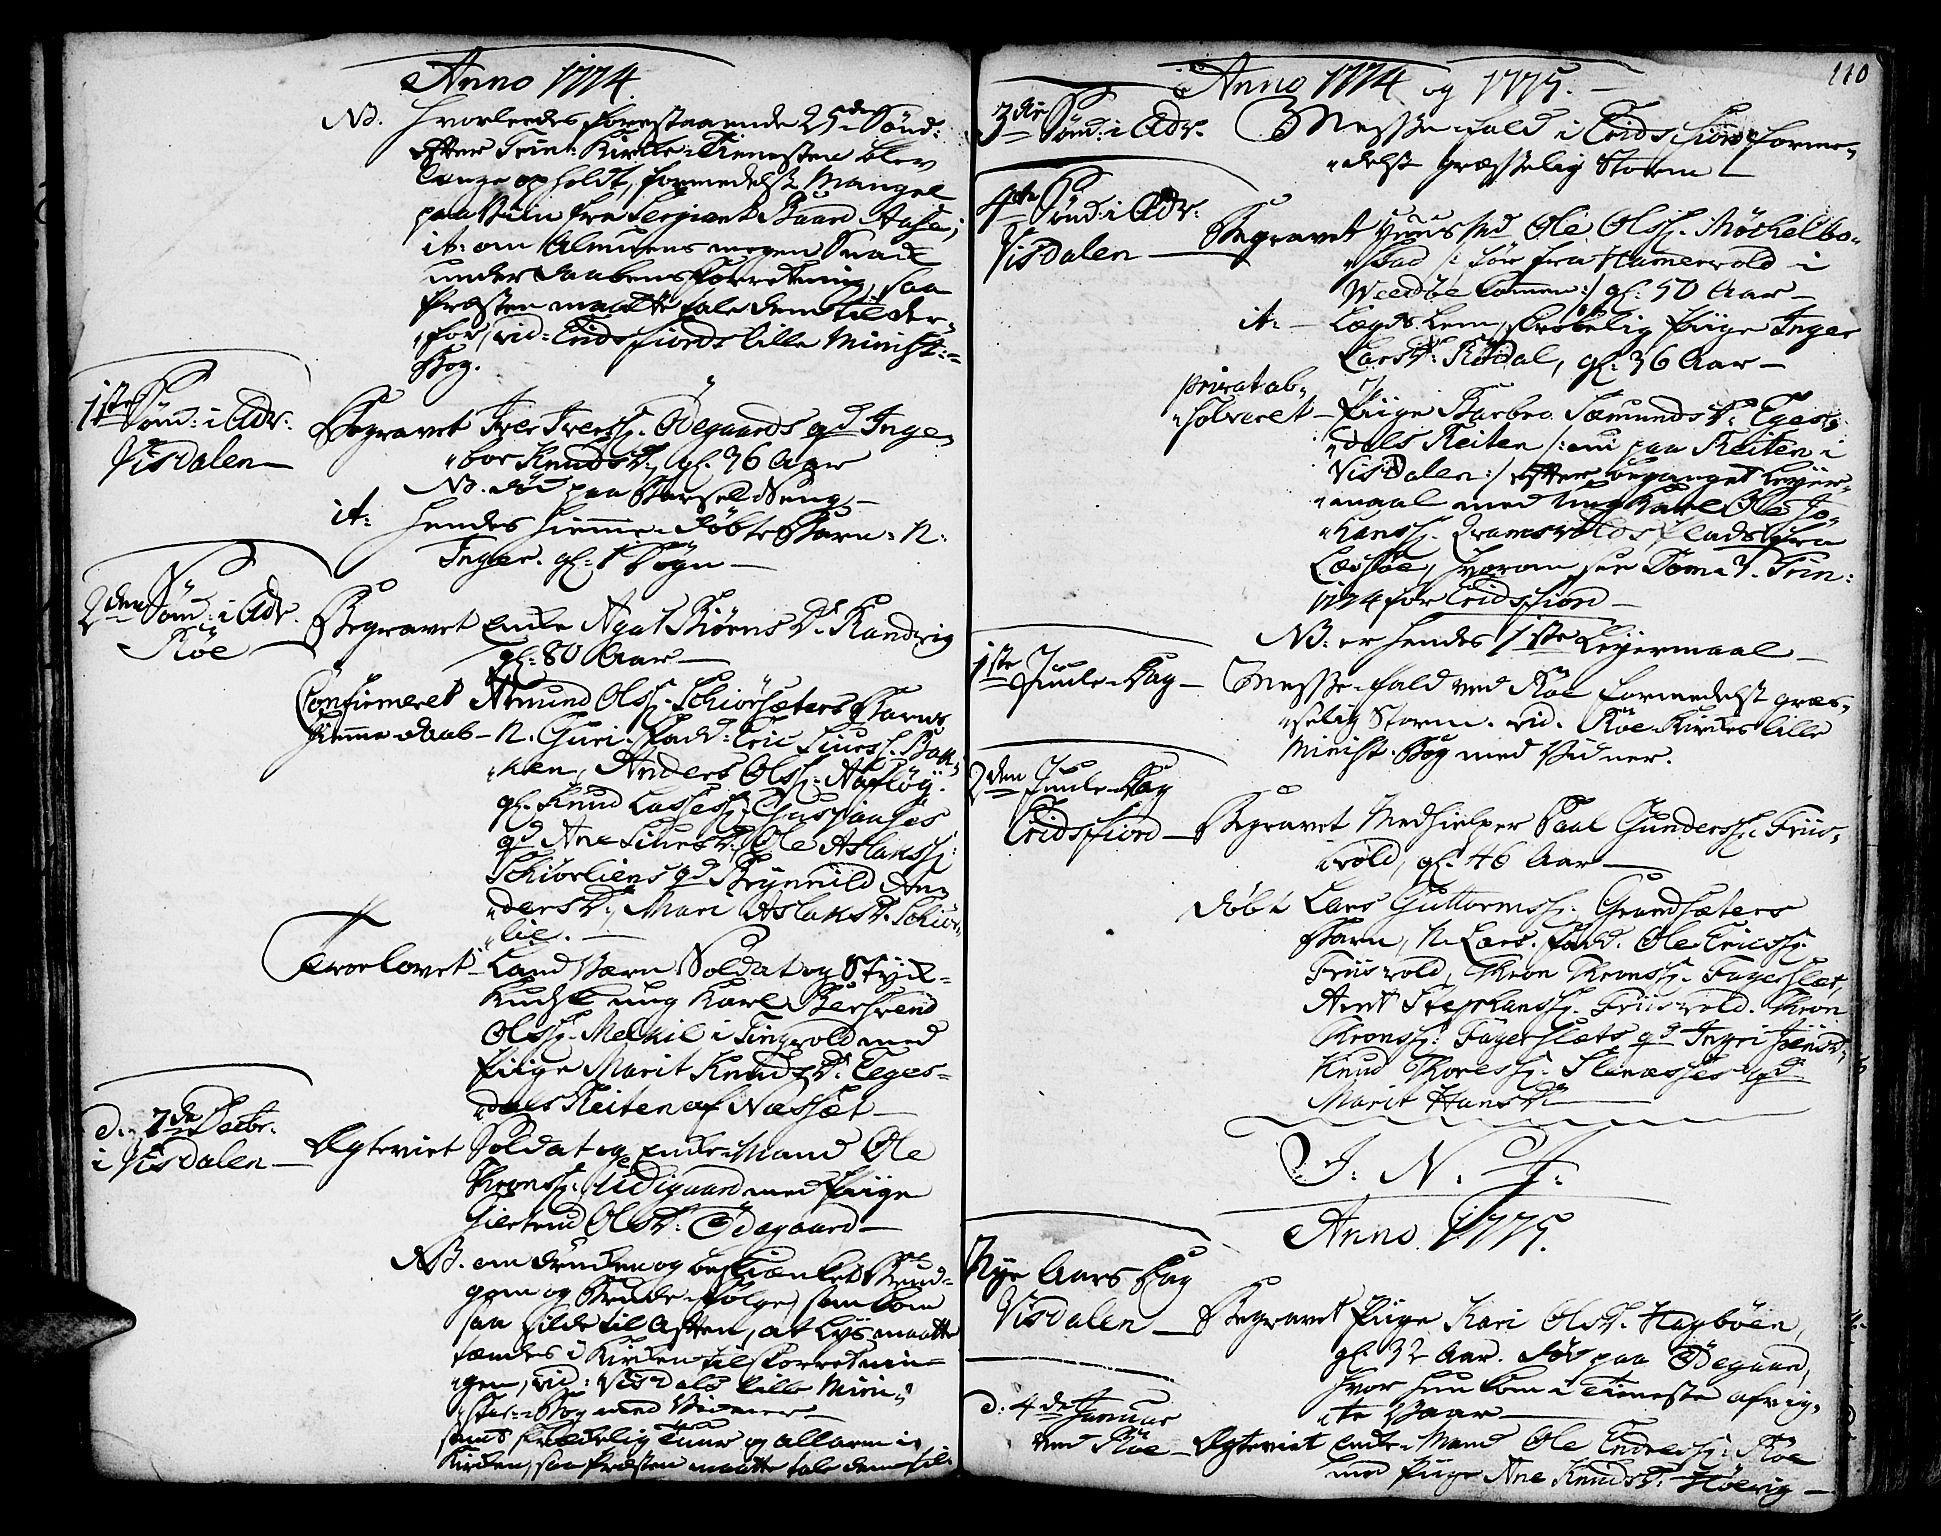 SAT, Ministerialprotokoller, klokkerbøker og fødselsregistre - Møre og Romsdal, 551/L0621: Ministerialbok nr. 551A01, 1757-1803, s. 110